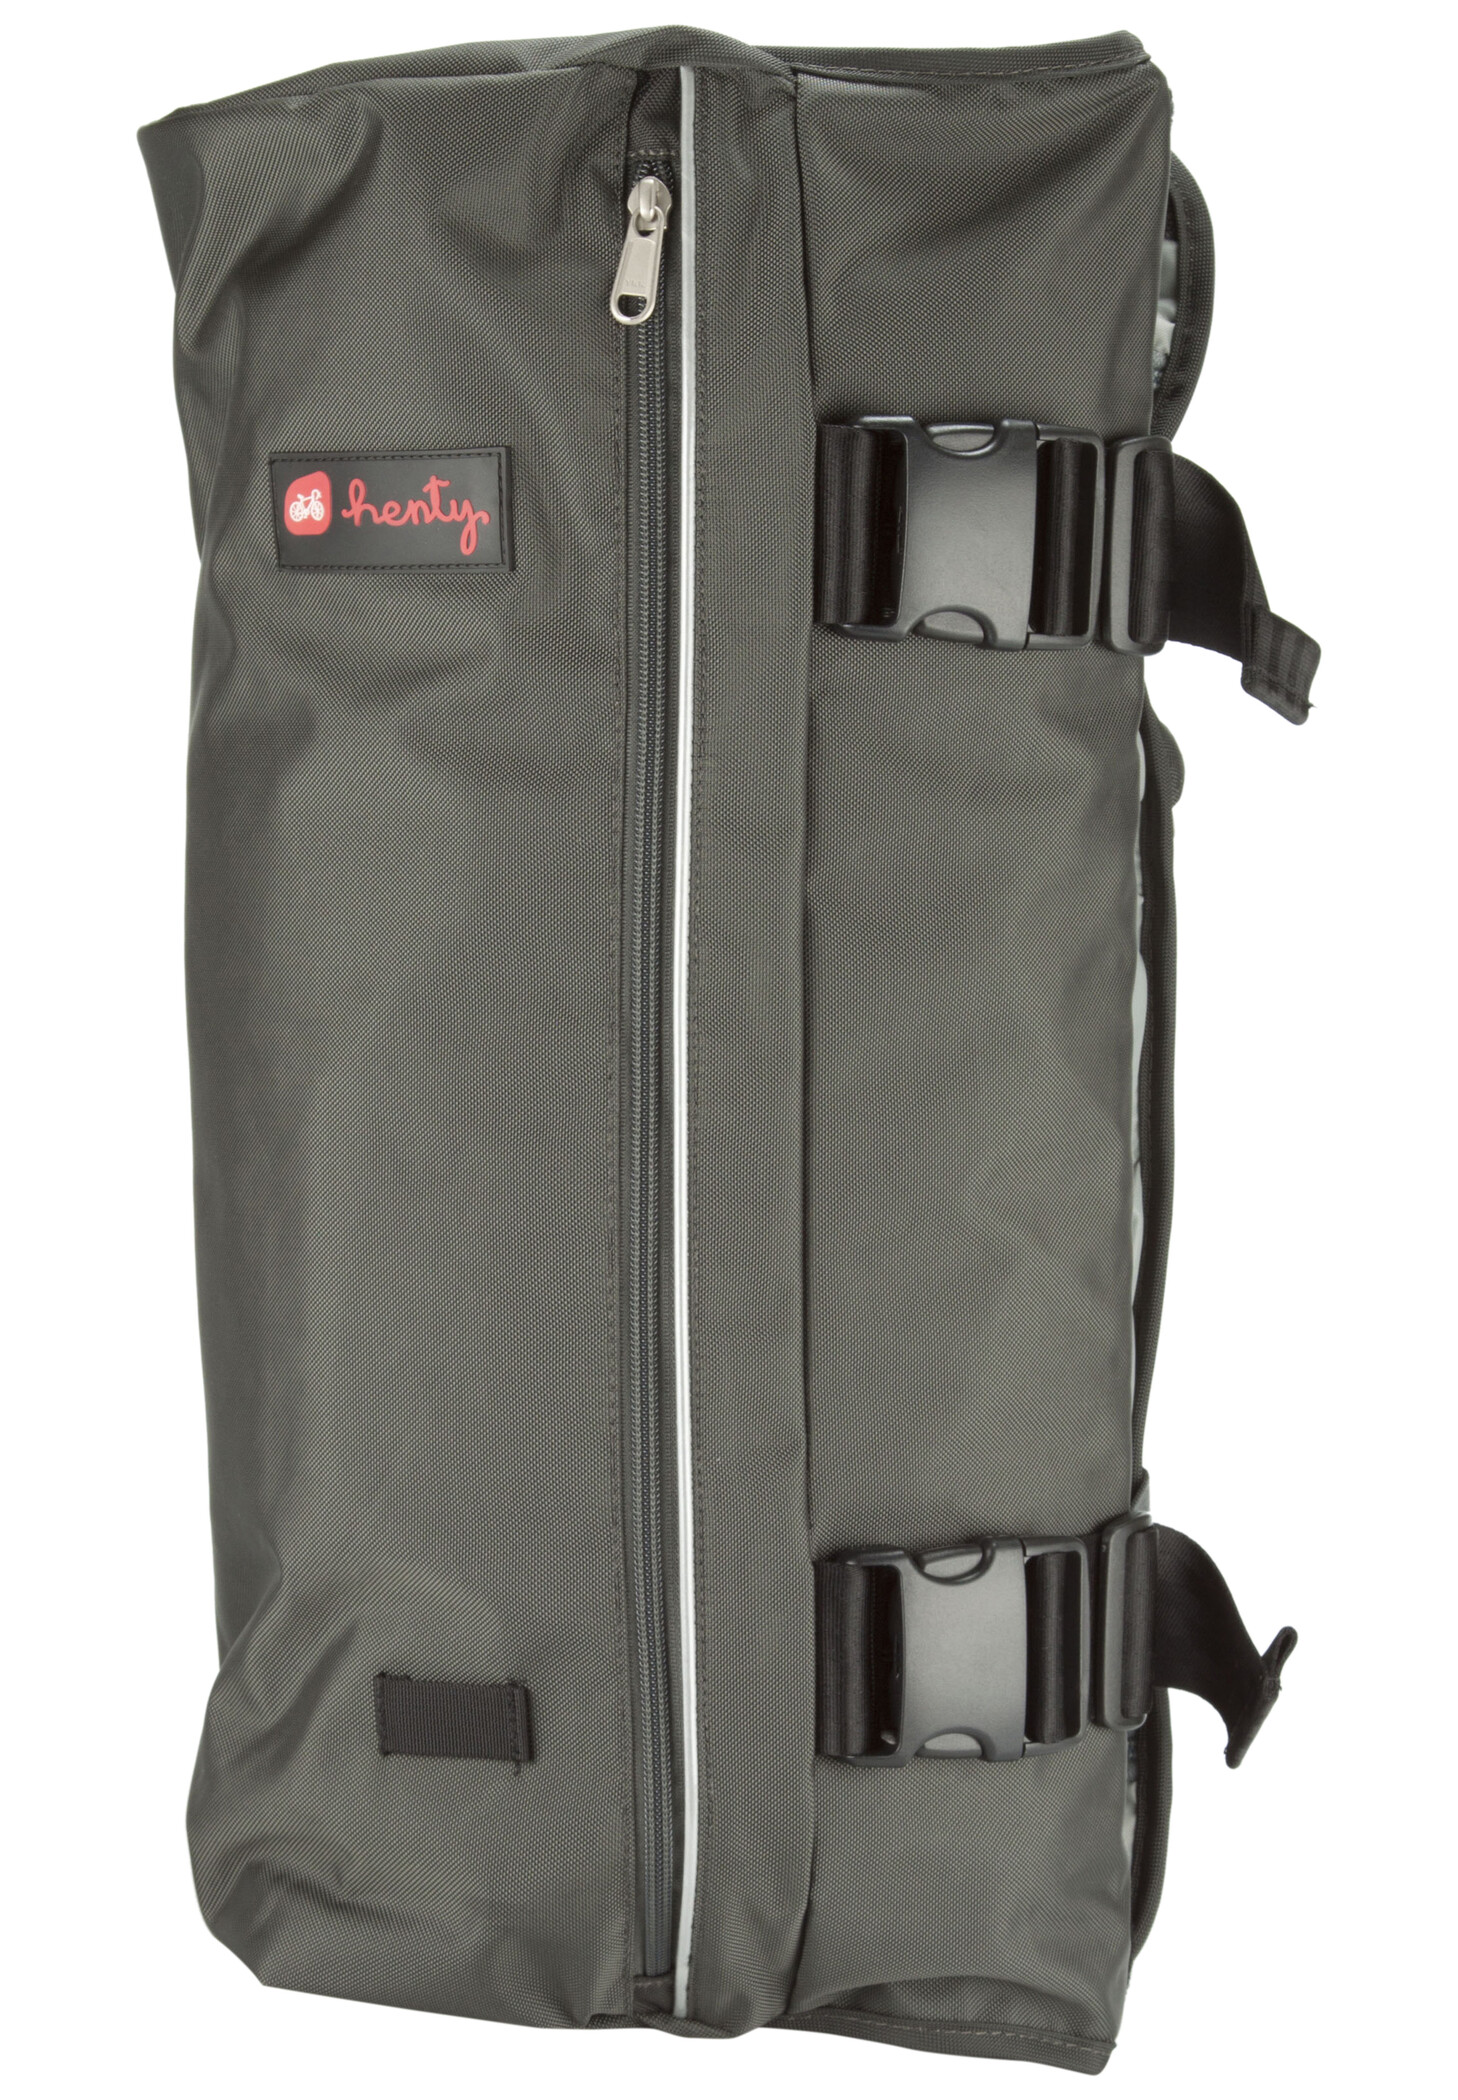 Henty Wingman Backpack Suit Bag, grey (2020) | Rygsæk og rejsetasker